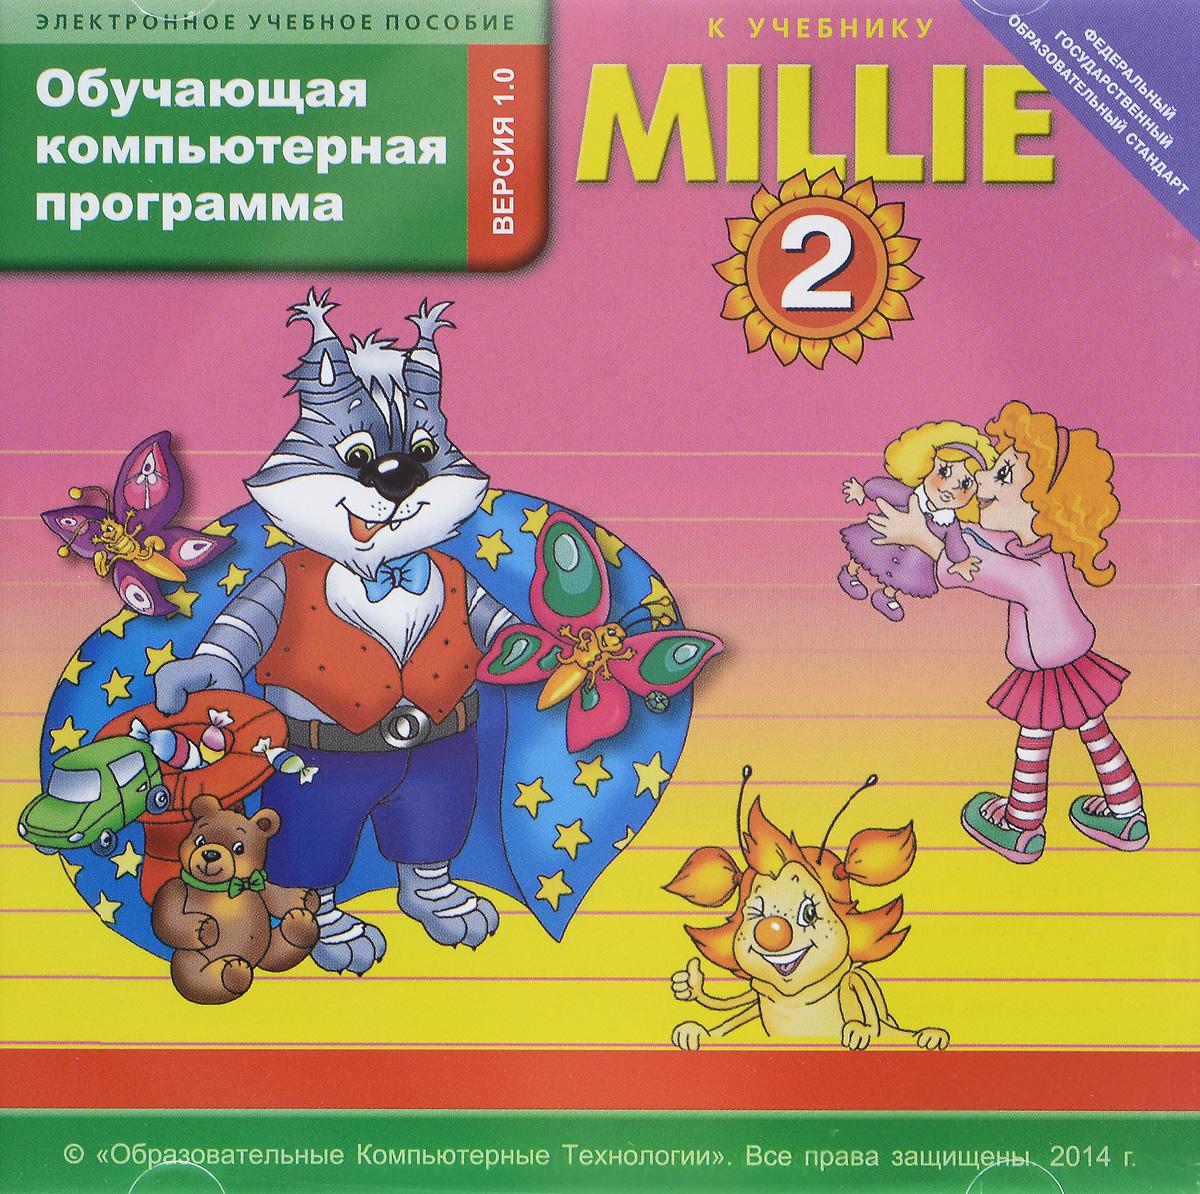 Millie 2 / Милли. Английский язык. 2 класс. Обучающая компьютерная программа